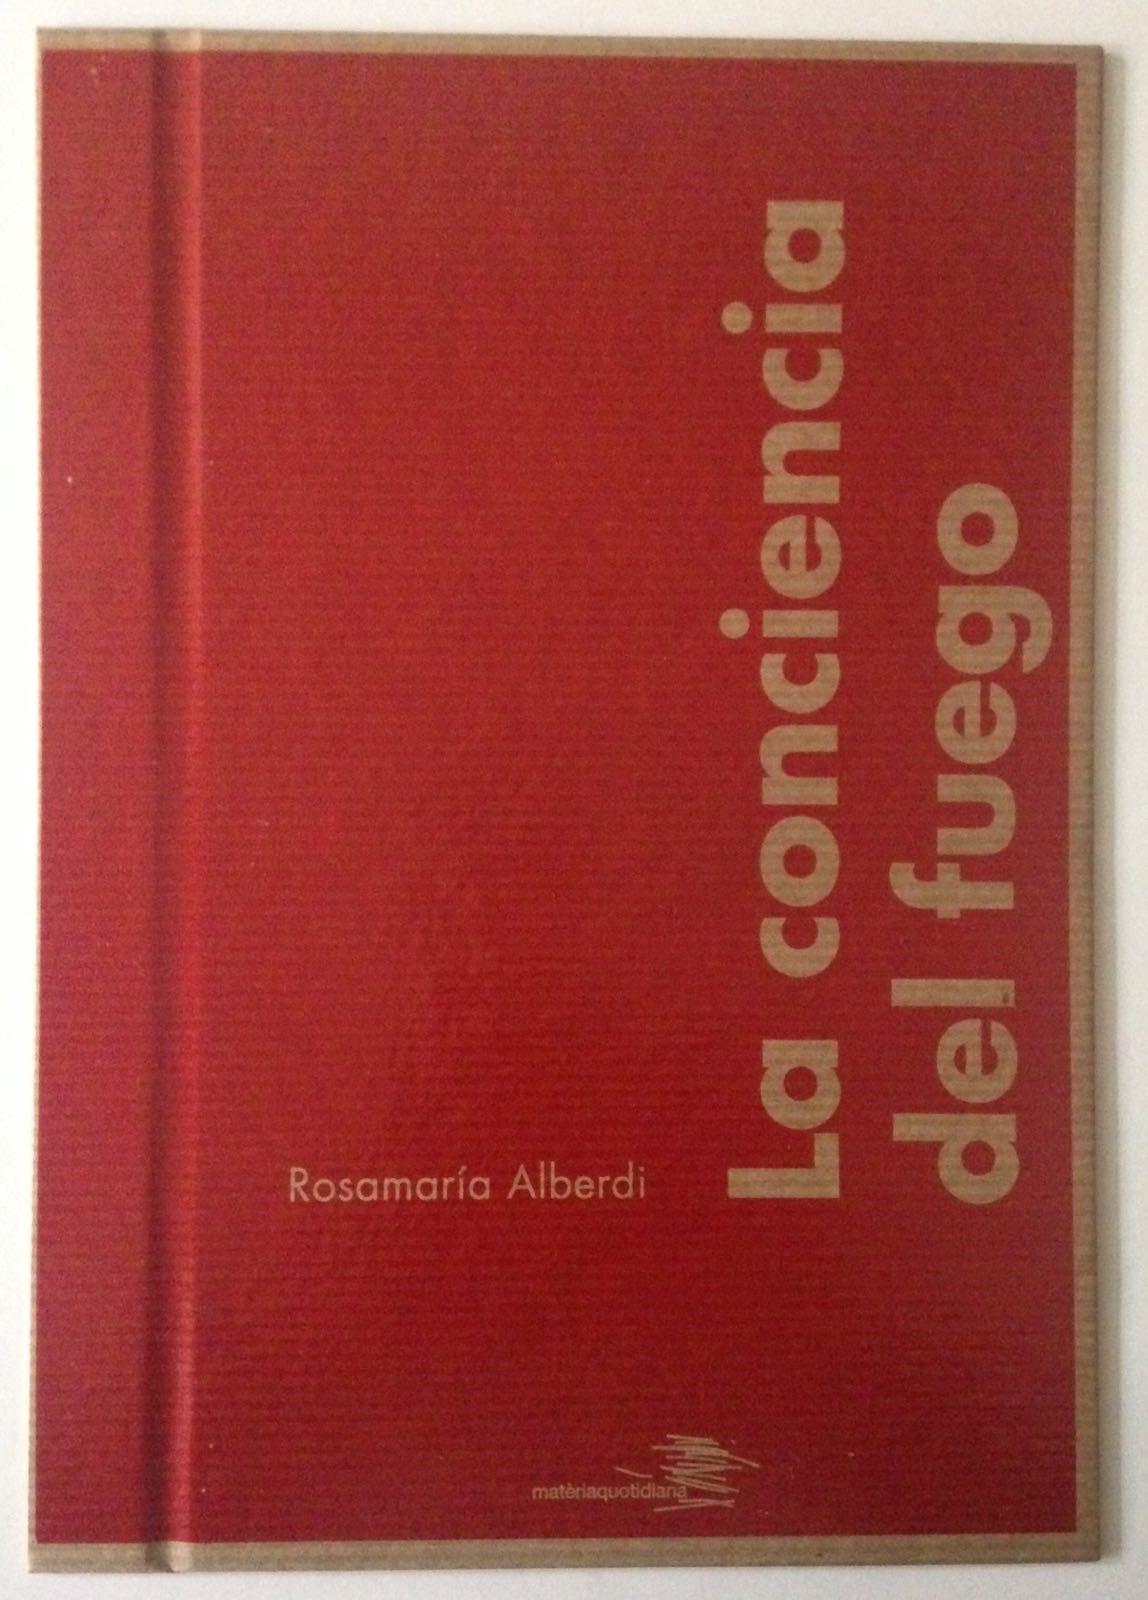 Presentació del llibre: La Conciencia del fuego, de Rosamaría Alberdi